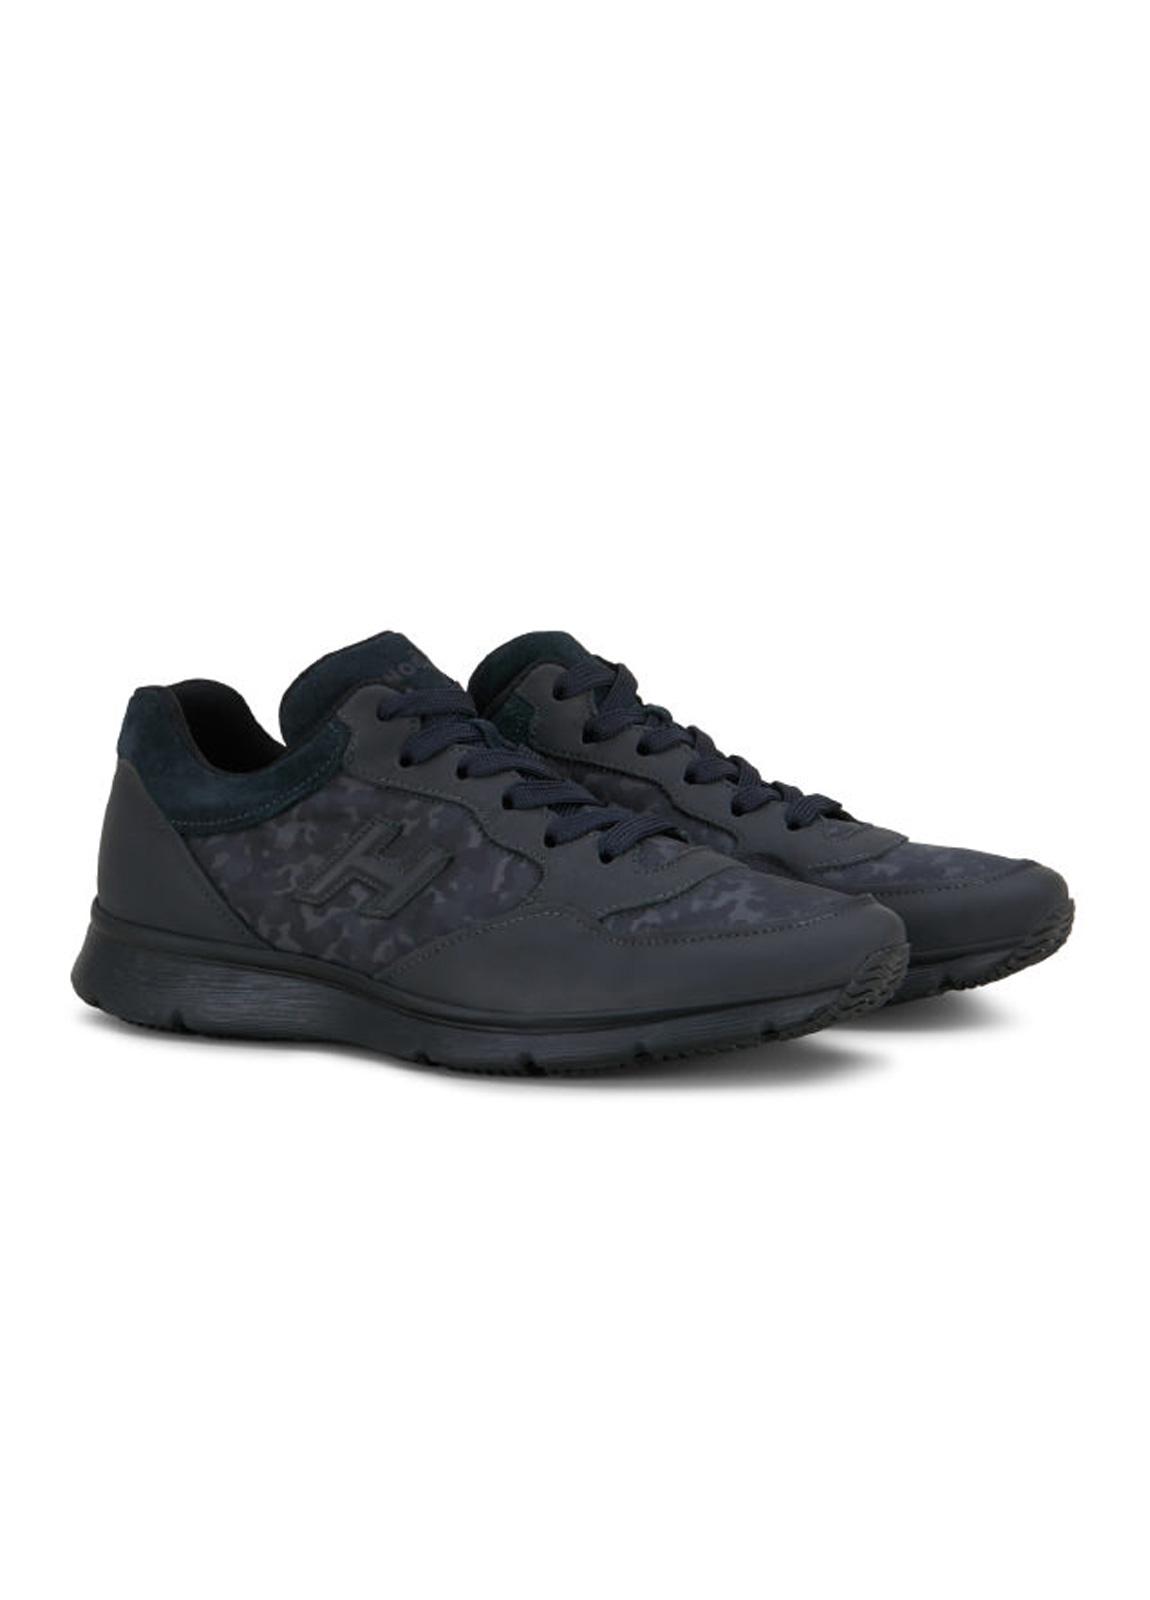 Calzado sport TRADITIONAL SNEAKER color negro. Piel con apliques en tejido técnico camuflaje y detalles en ante. - Ítem2